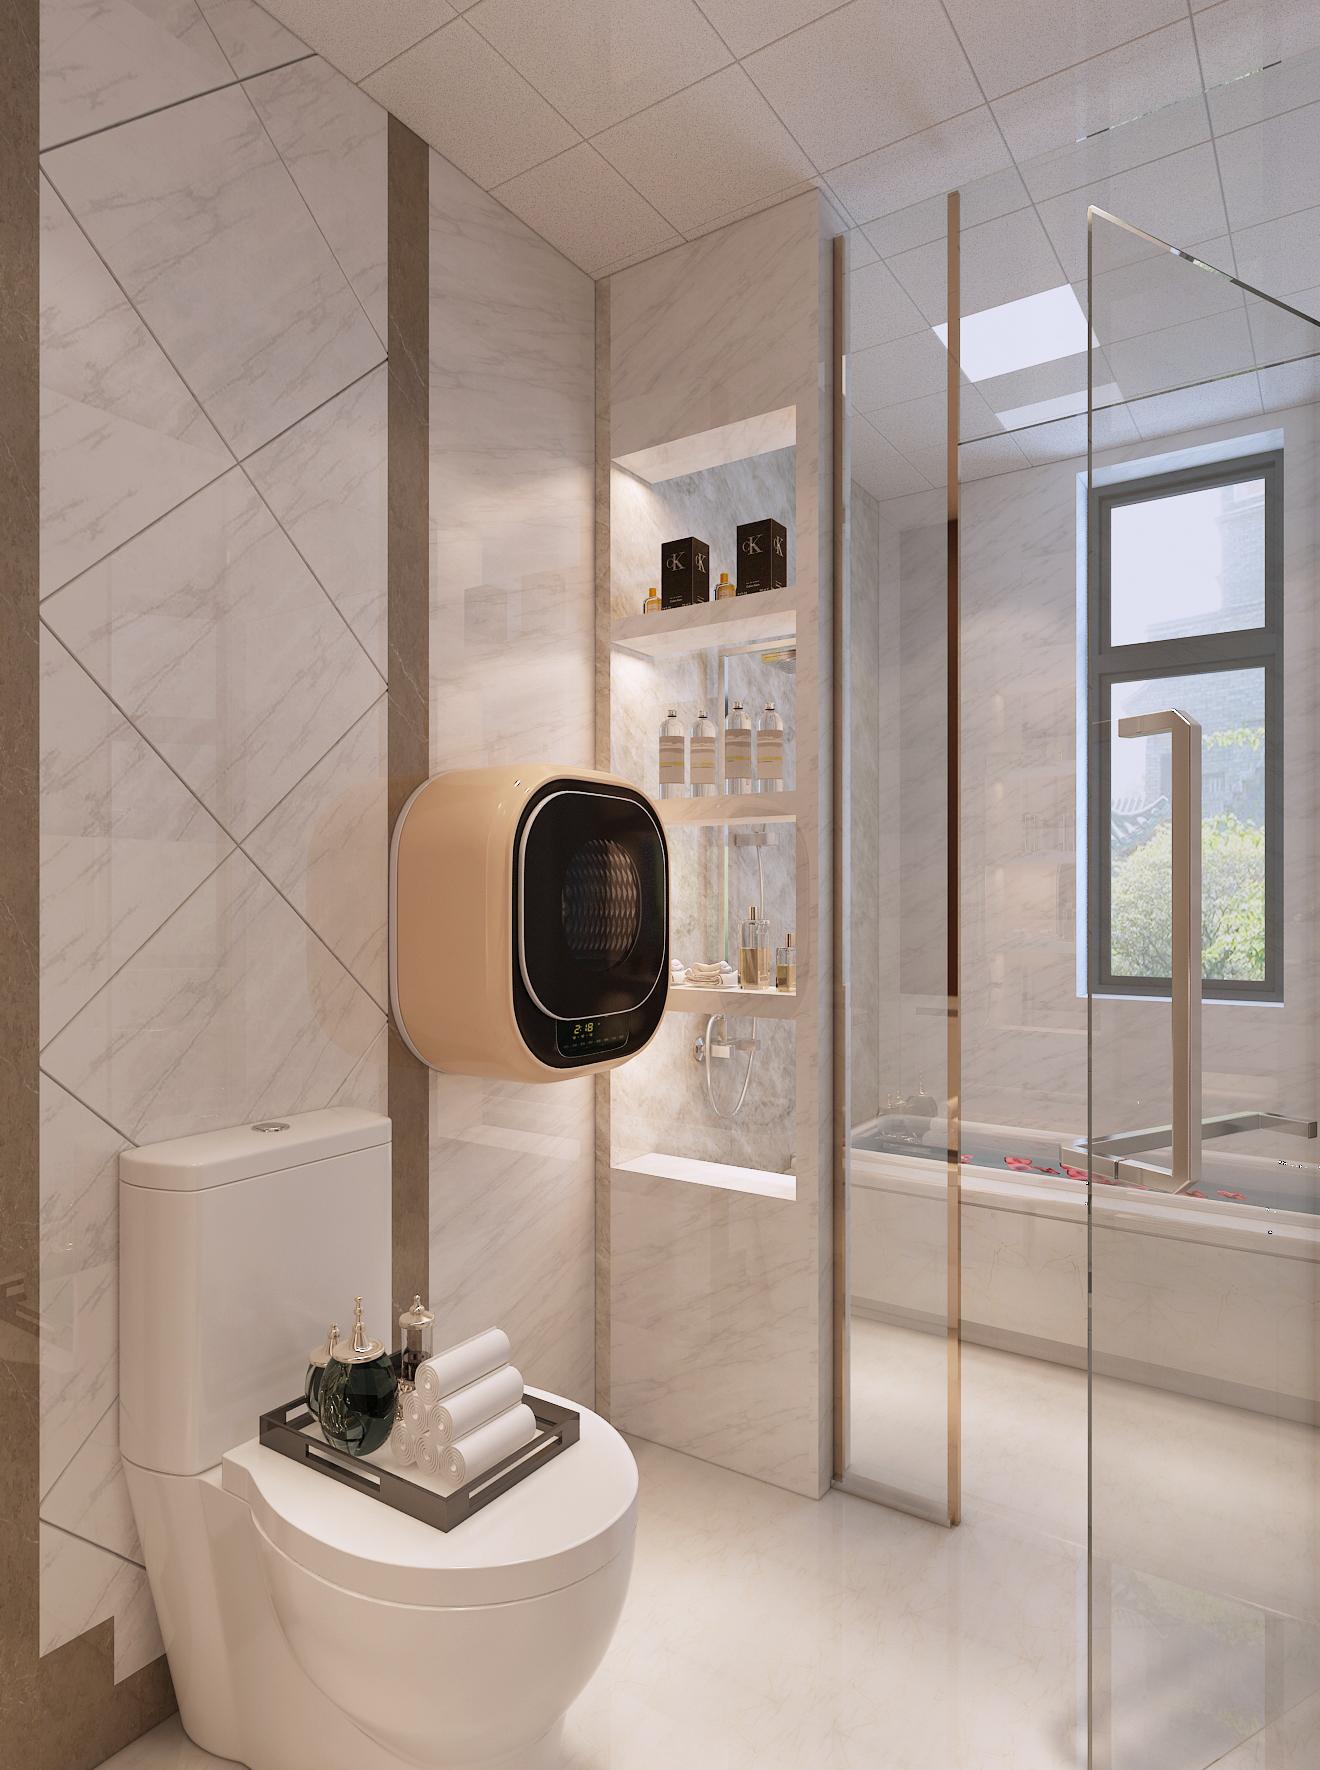 家庭卫生间装修材料进场后如何验收?